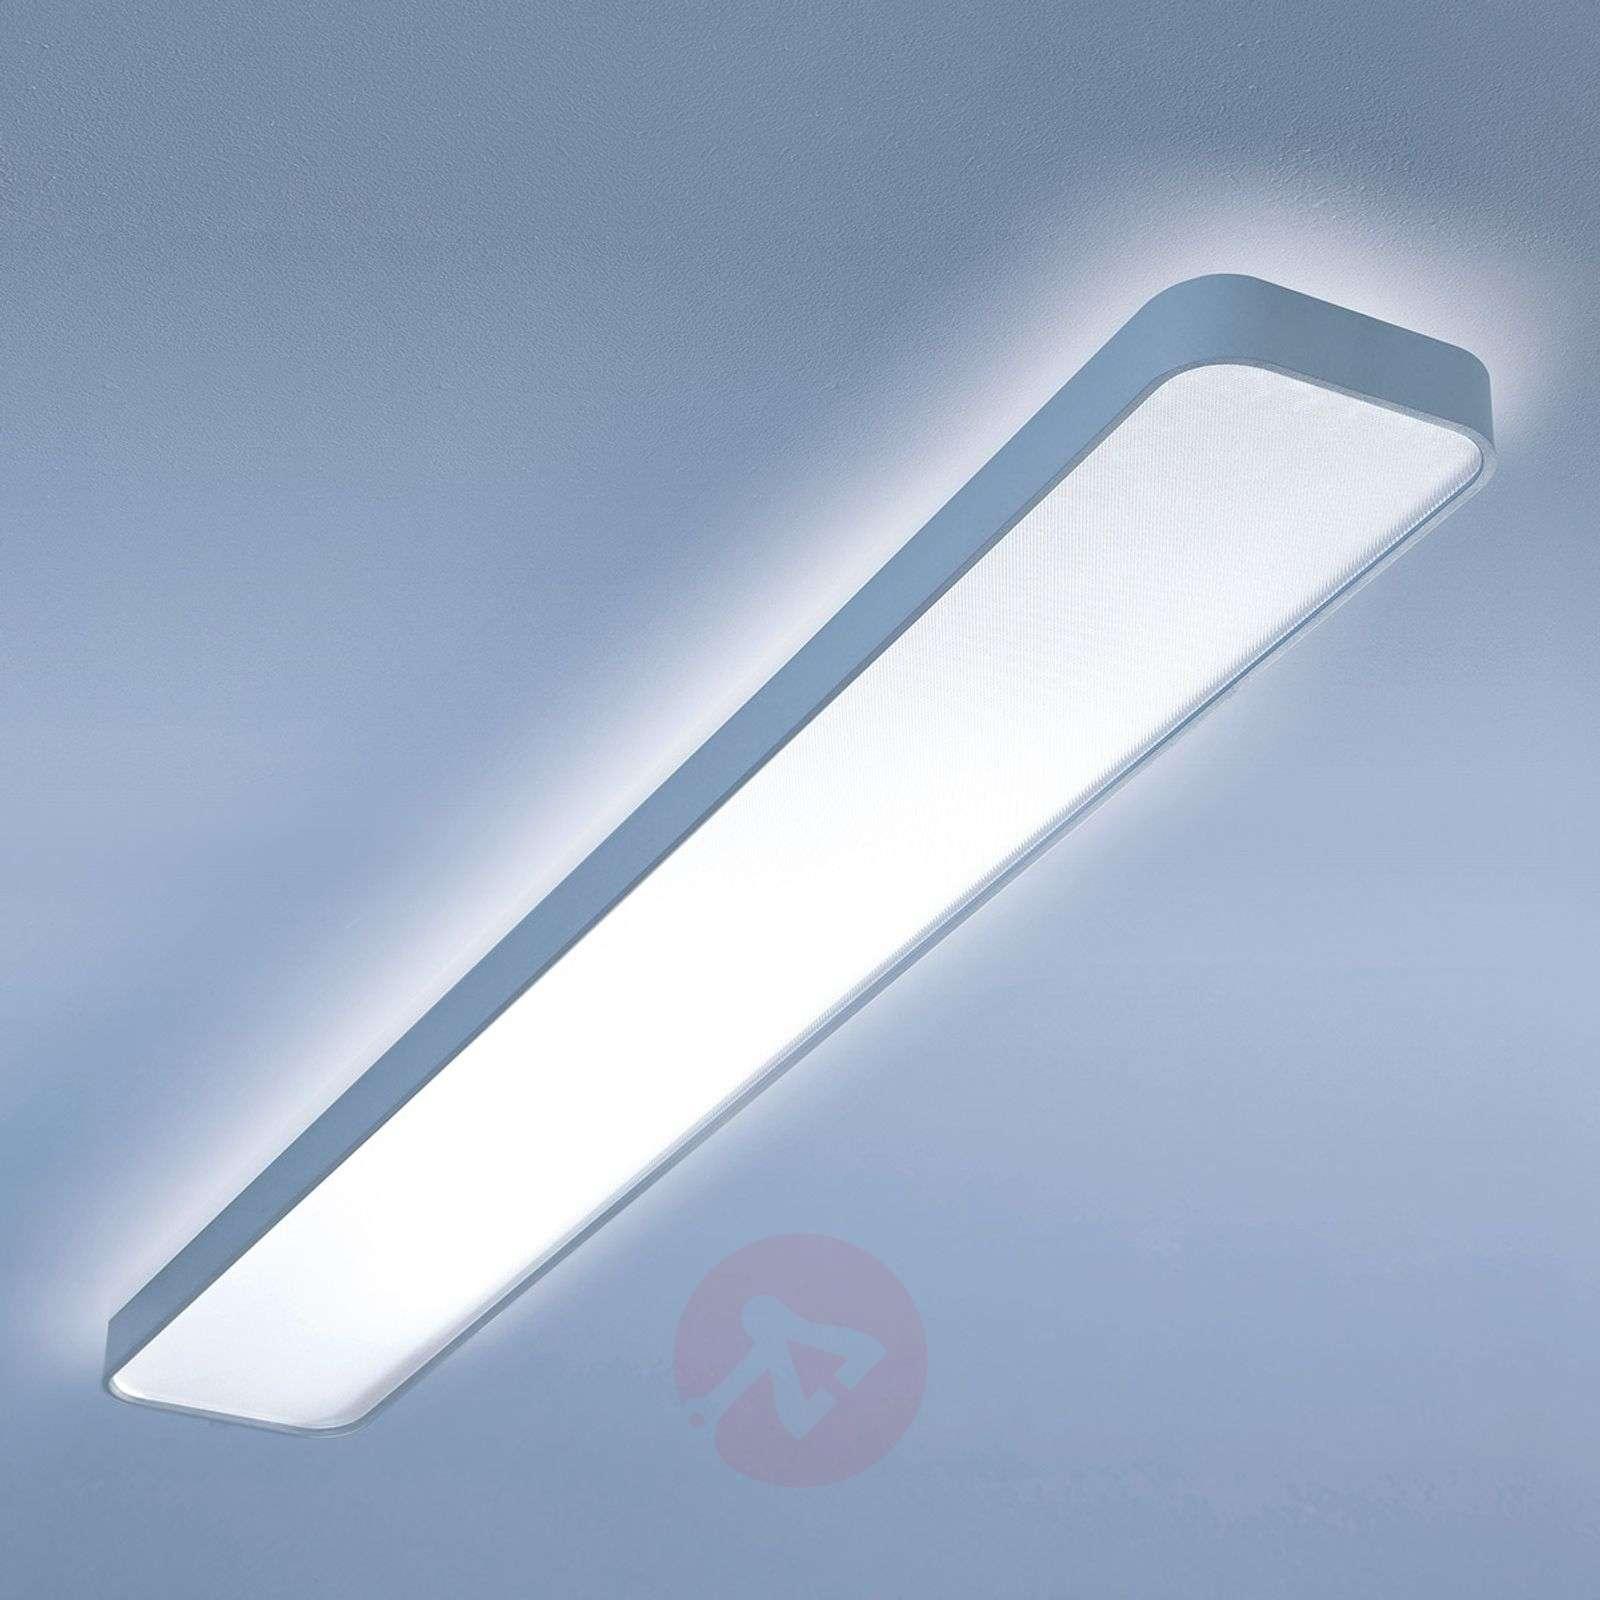 Caleo x1 long led ceiling light warm white lights caleo x1 long led ceiling light warm white 6033485x 01 aloadofball Choice Image